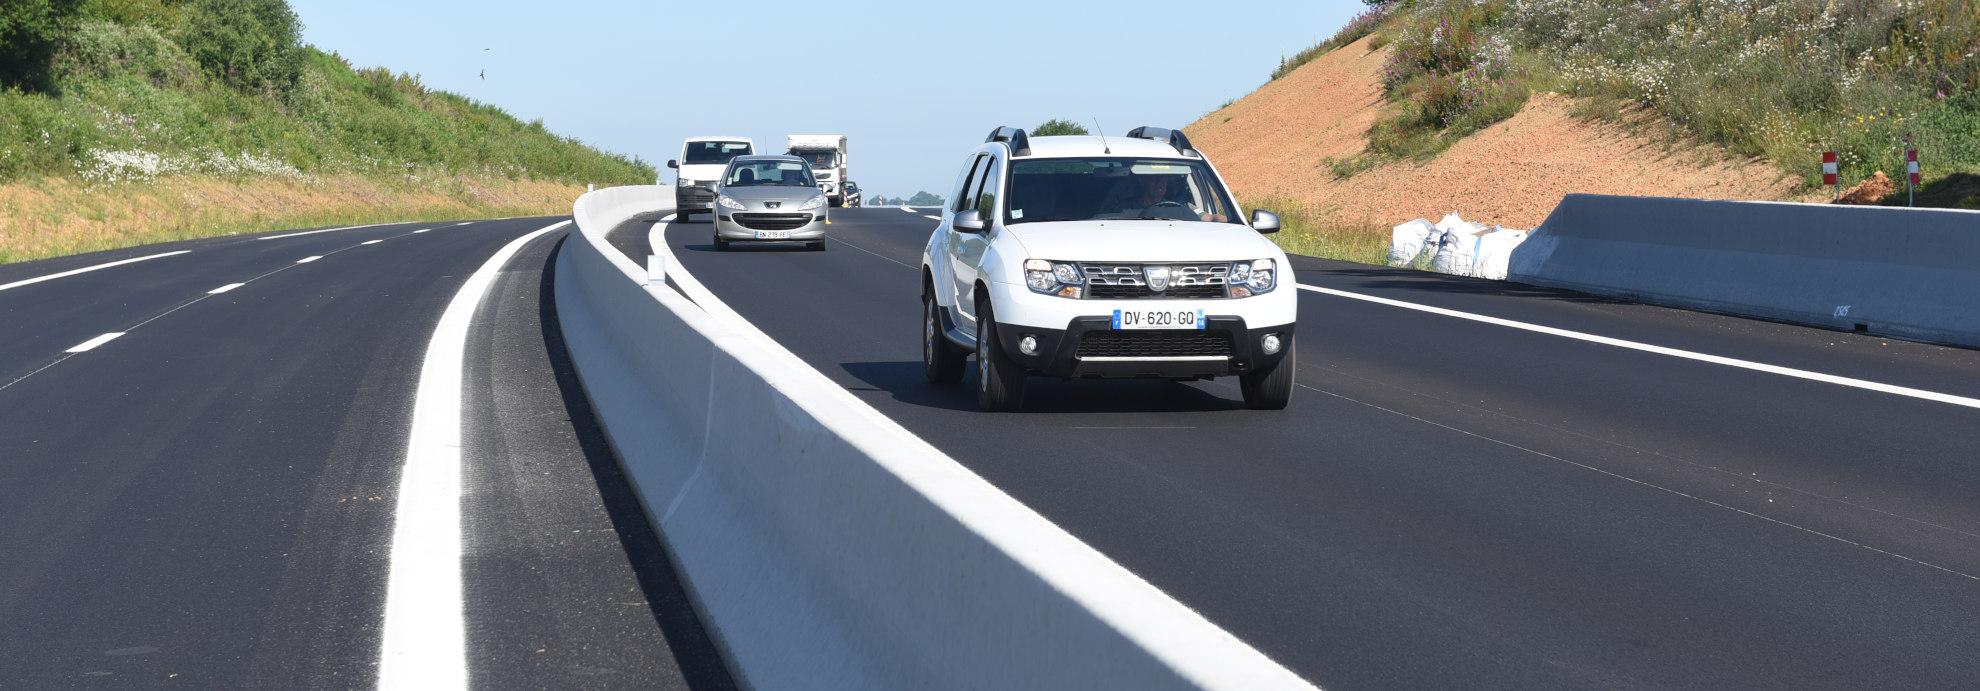 Projets routiers - route départementale